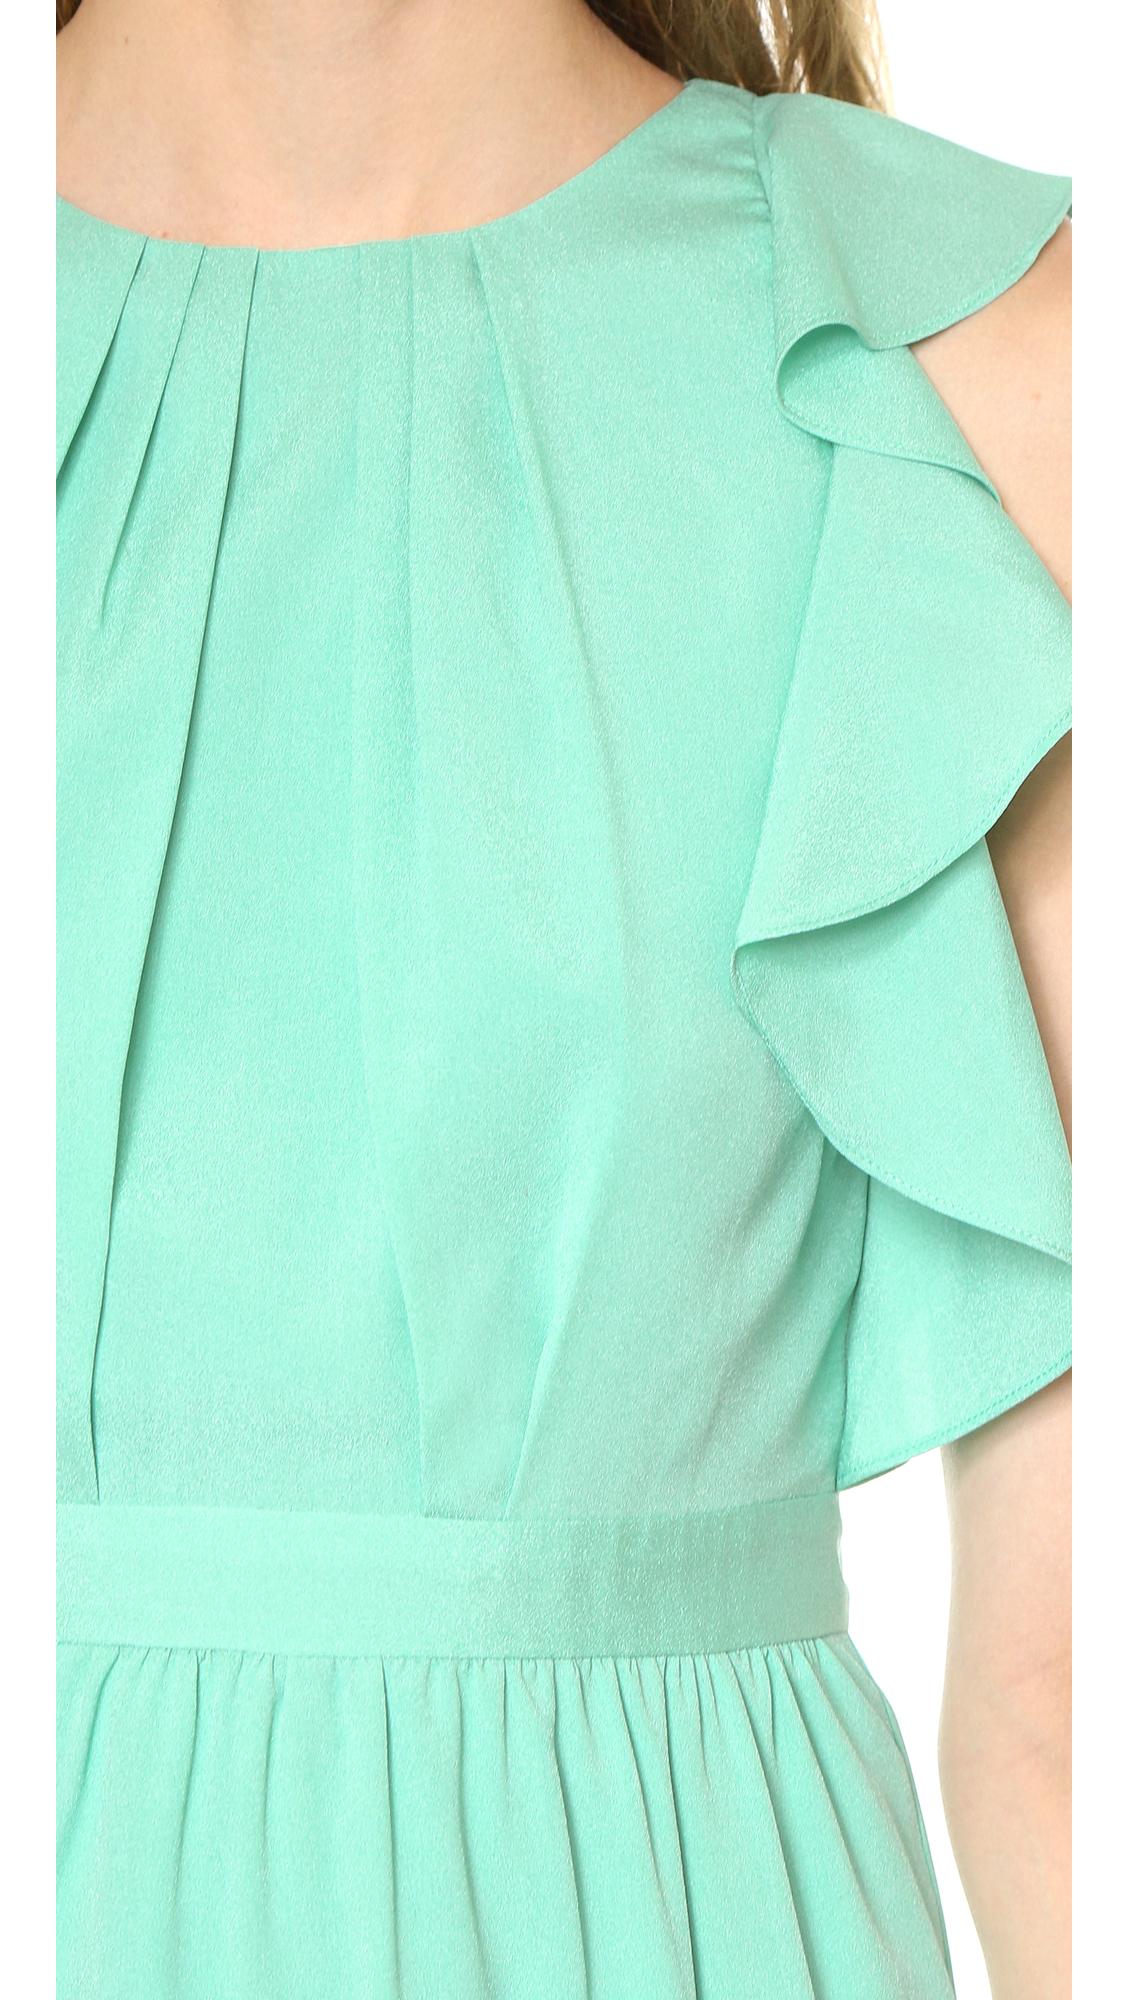 Lyst - Shoshanna Katrina Dress - Aquamarine in Blue